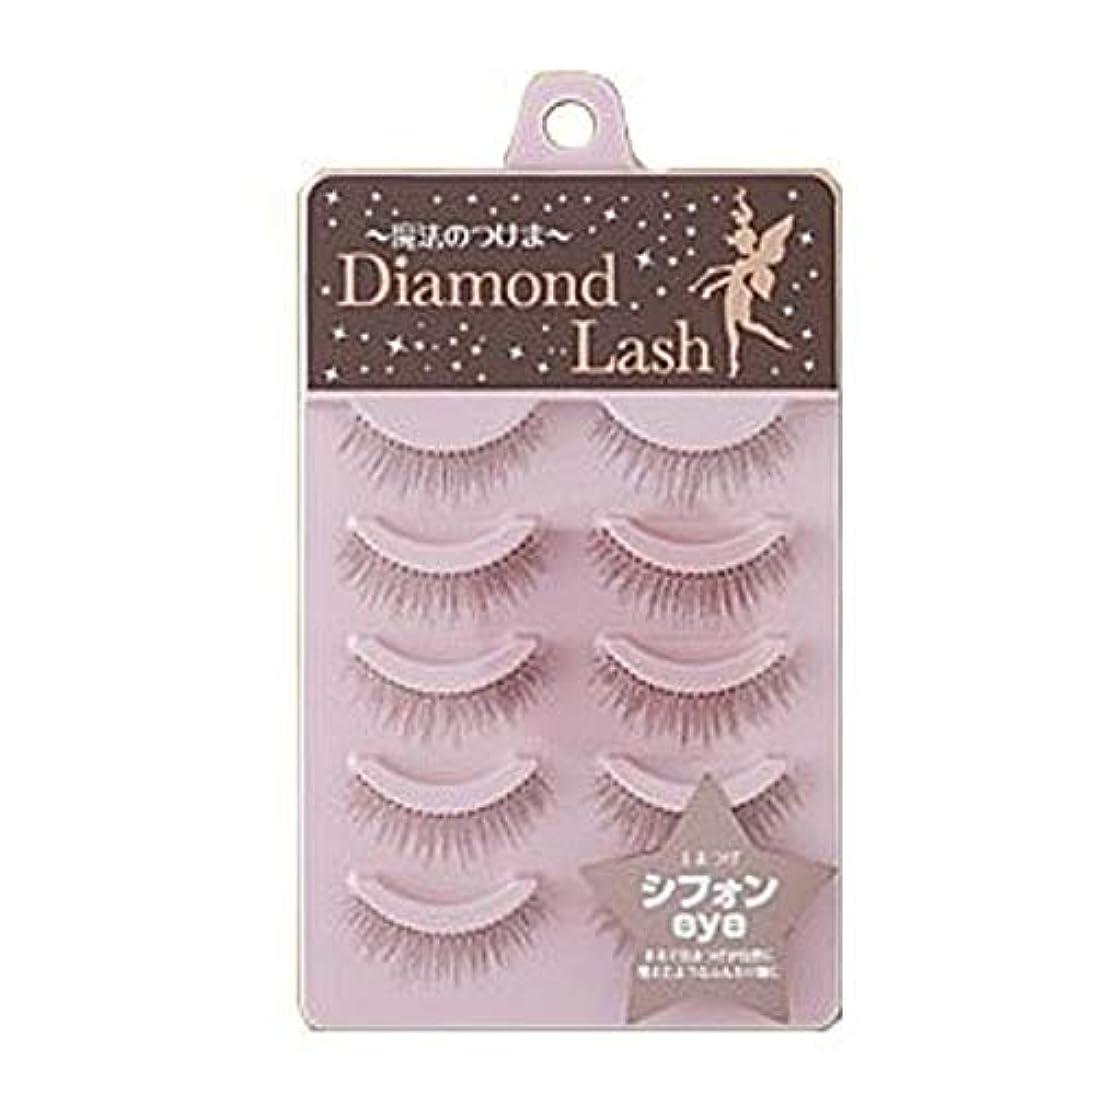 引き金毎回イブニングダイヤモンドラッシュ Diamond Lash つけまつげ リッチブラウンシリーズ シフォンeye